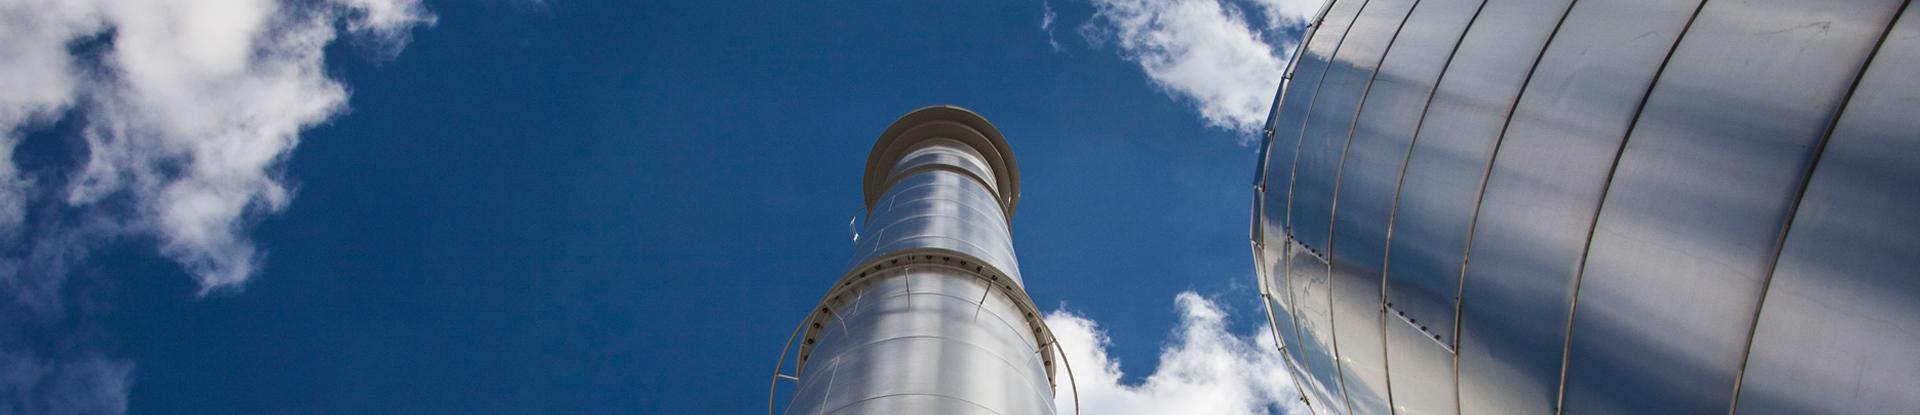 Midiplan GmbH & Co. KG Ingenieurbüro für Energie- und Wärmetechnik